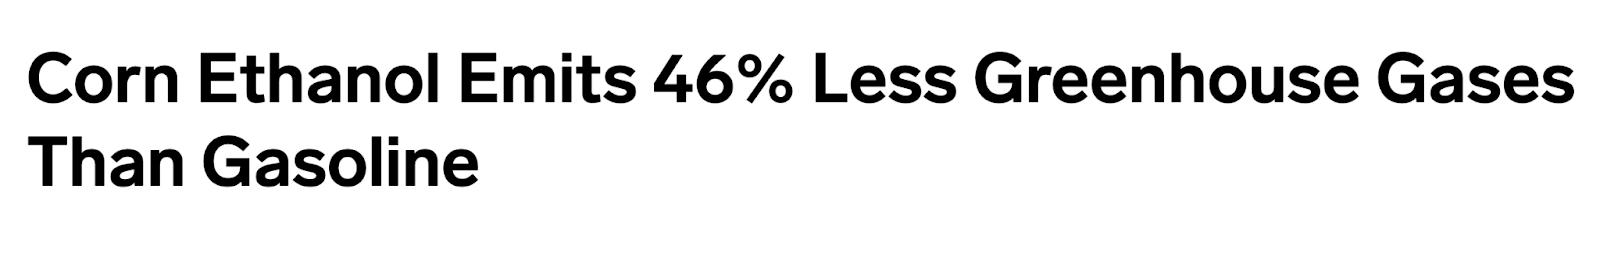 Press release headline example: Hinge